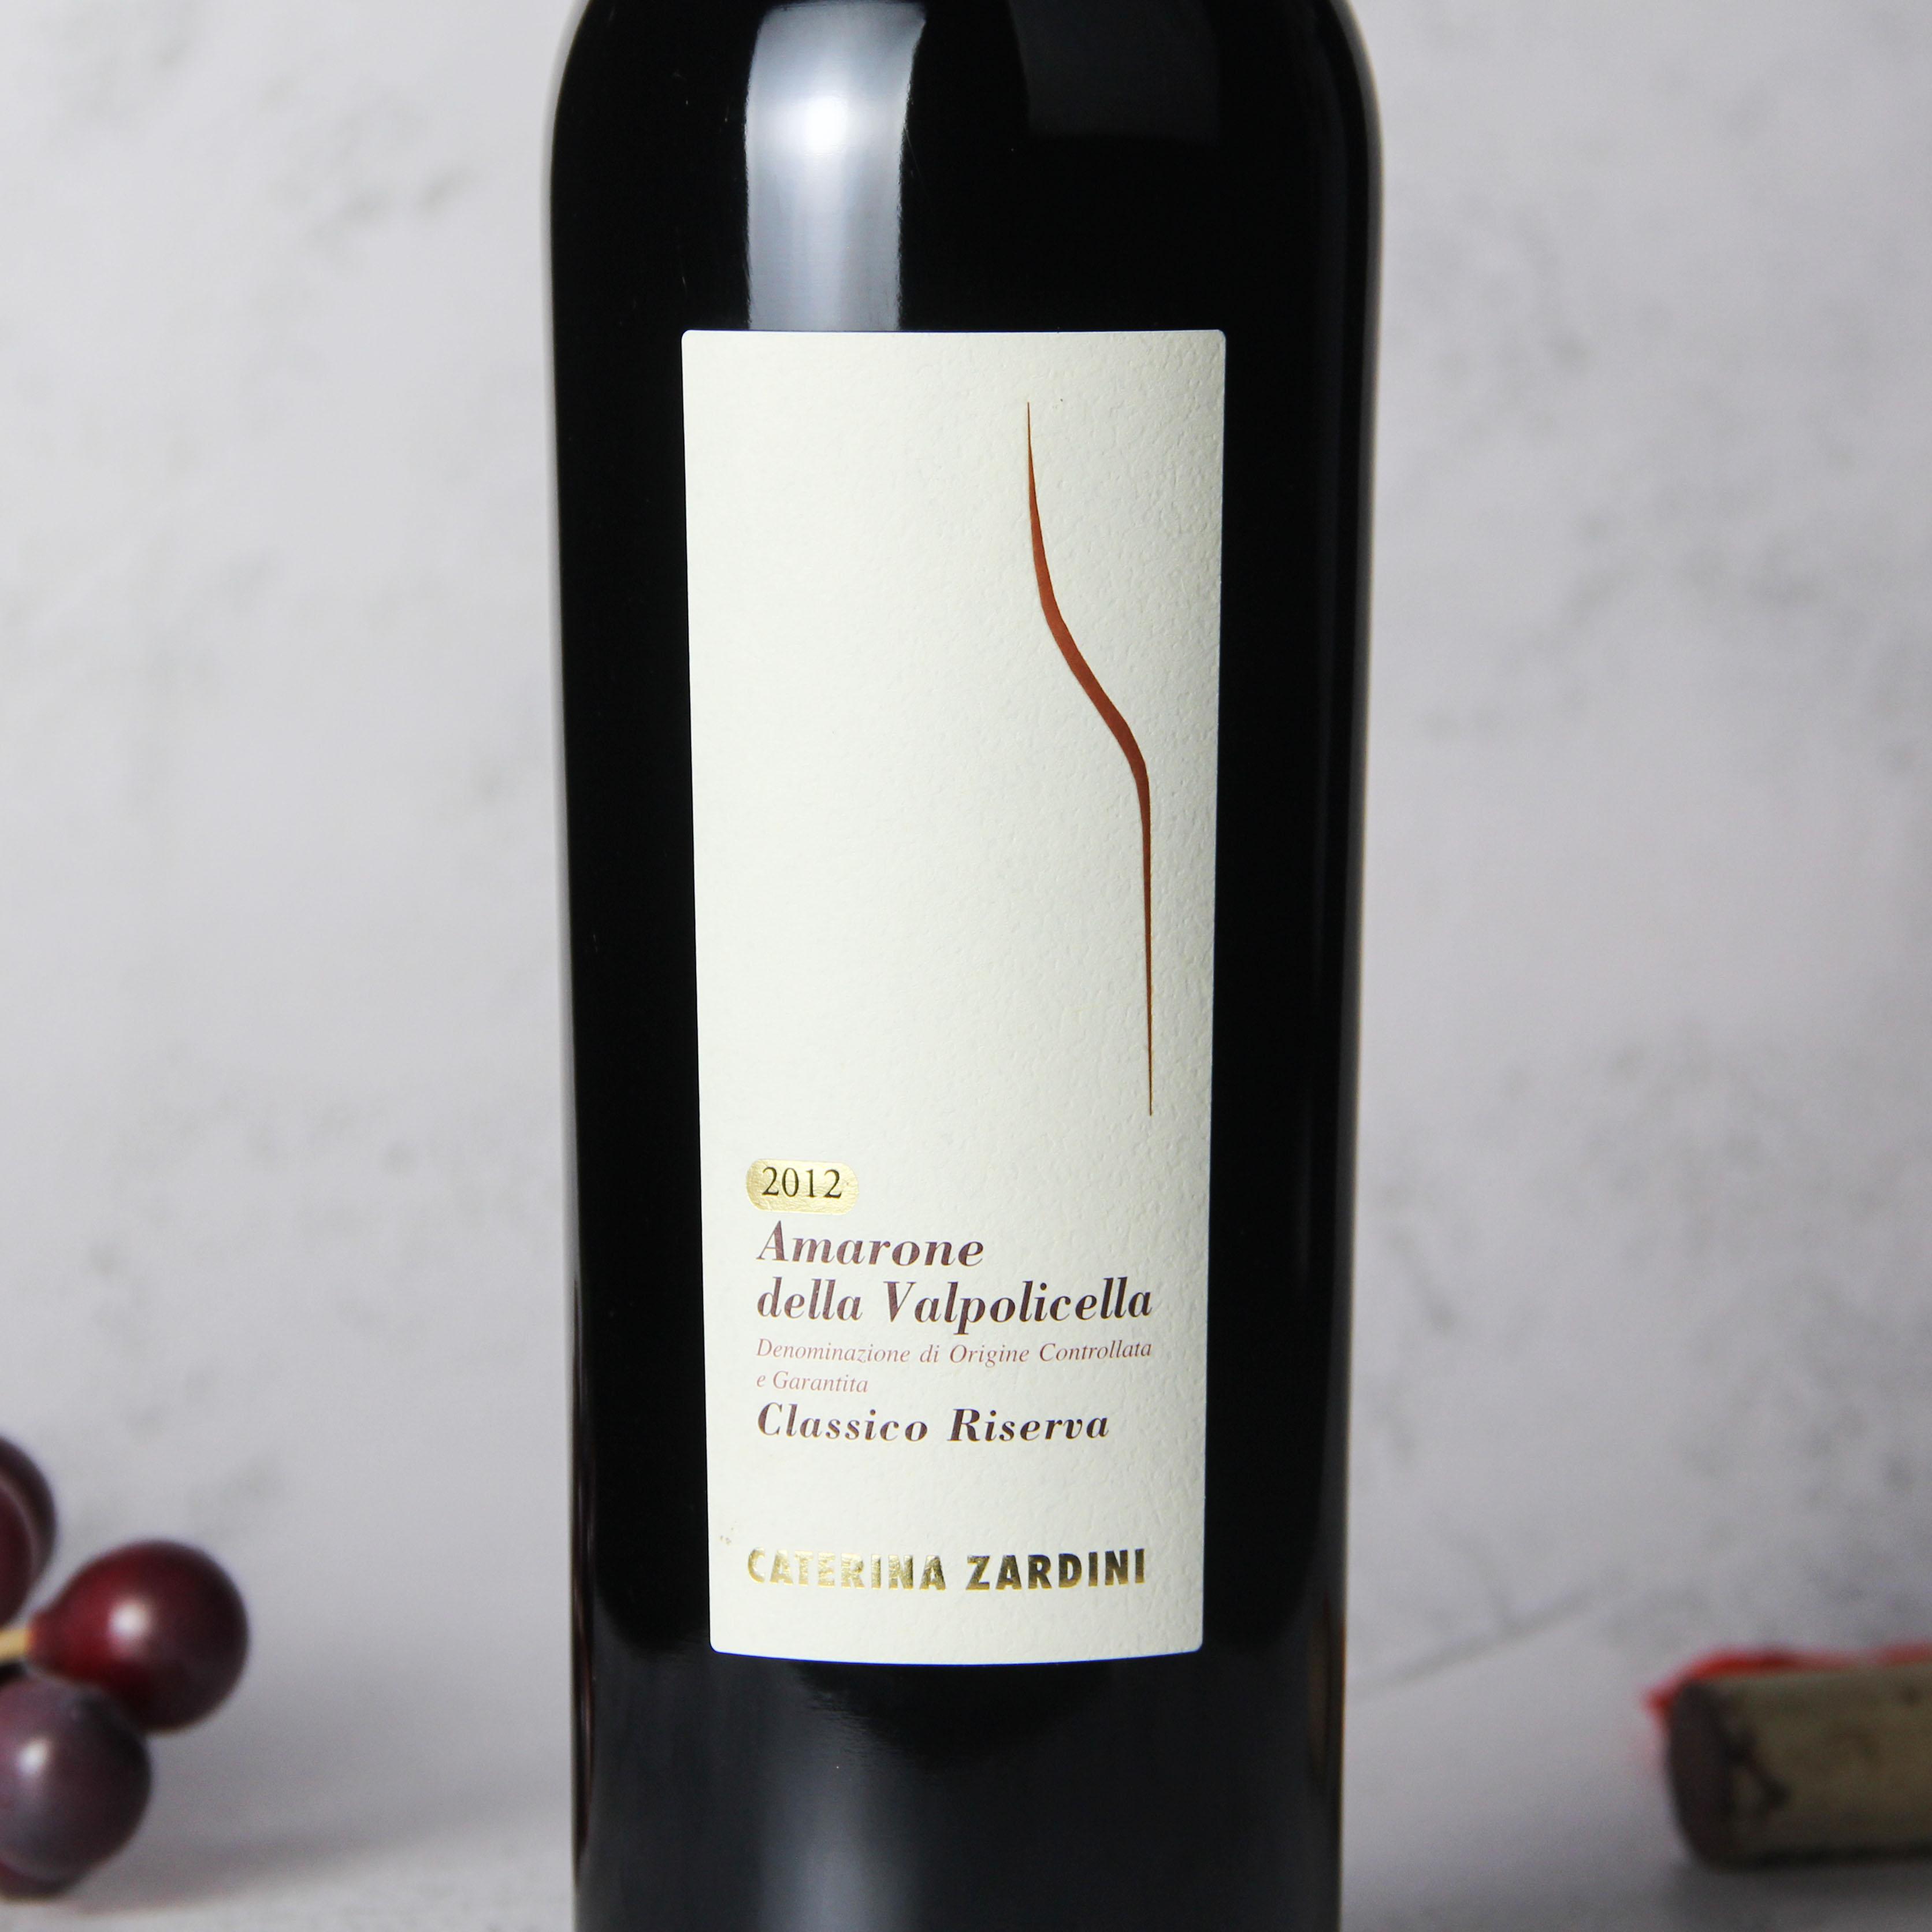 意大利威尼托坎帕诺拉酒庄高级阿玛罗尼卡特琳娜葡萄酒红酒